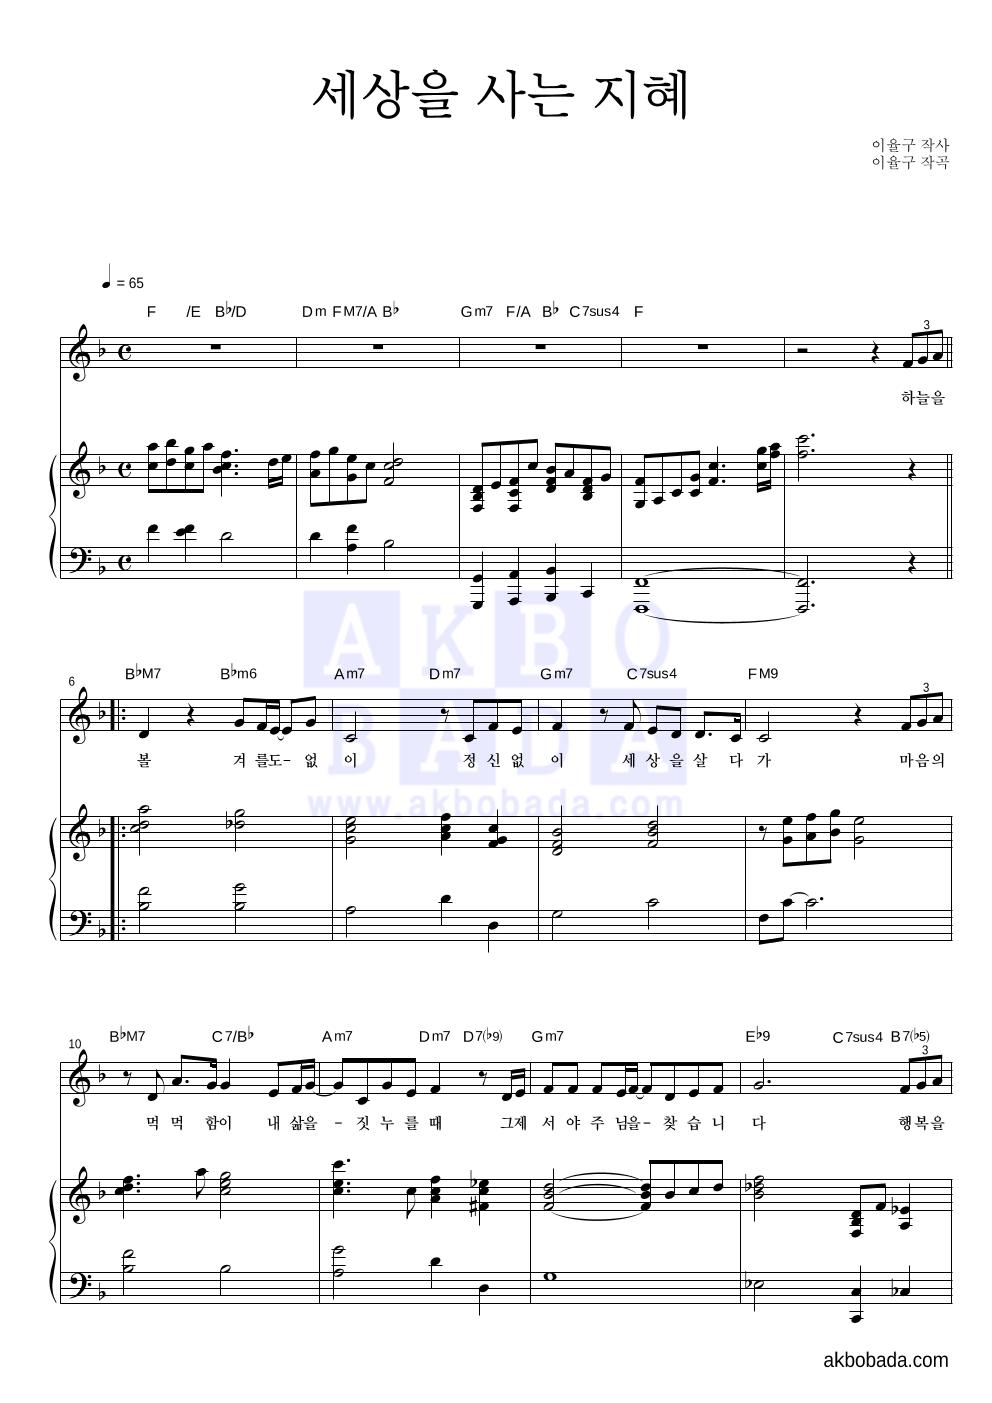 이율구 - 세상을 사는 지혜 피아노 3단 악보